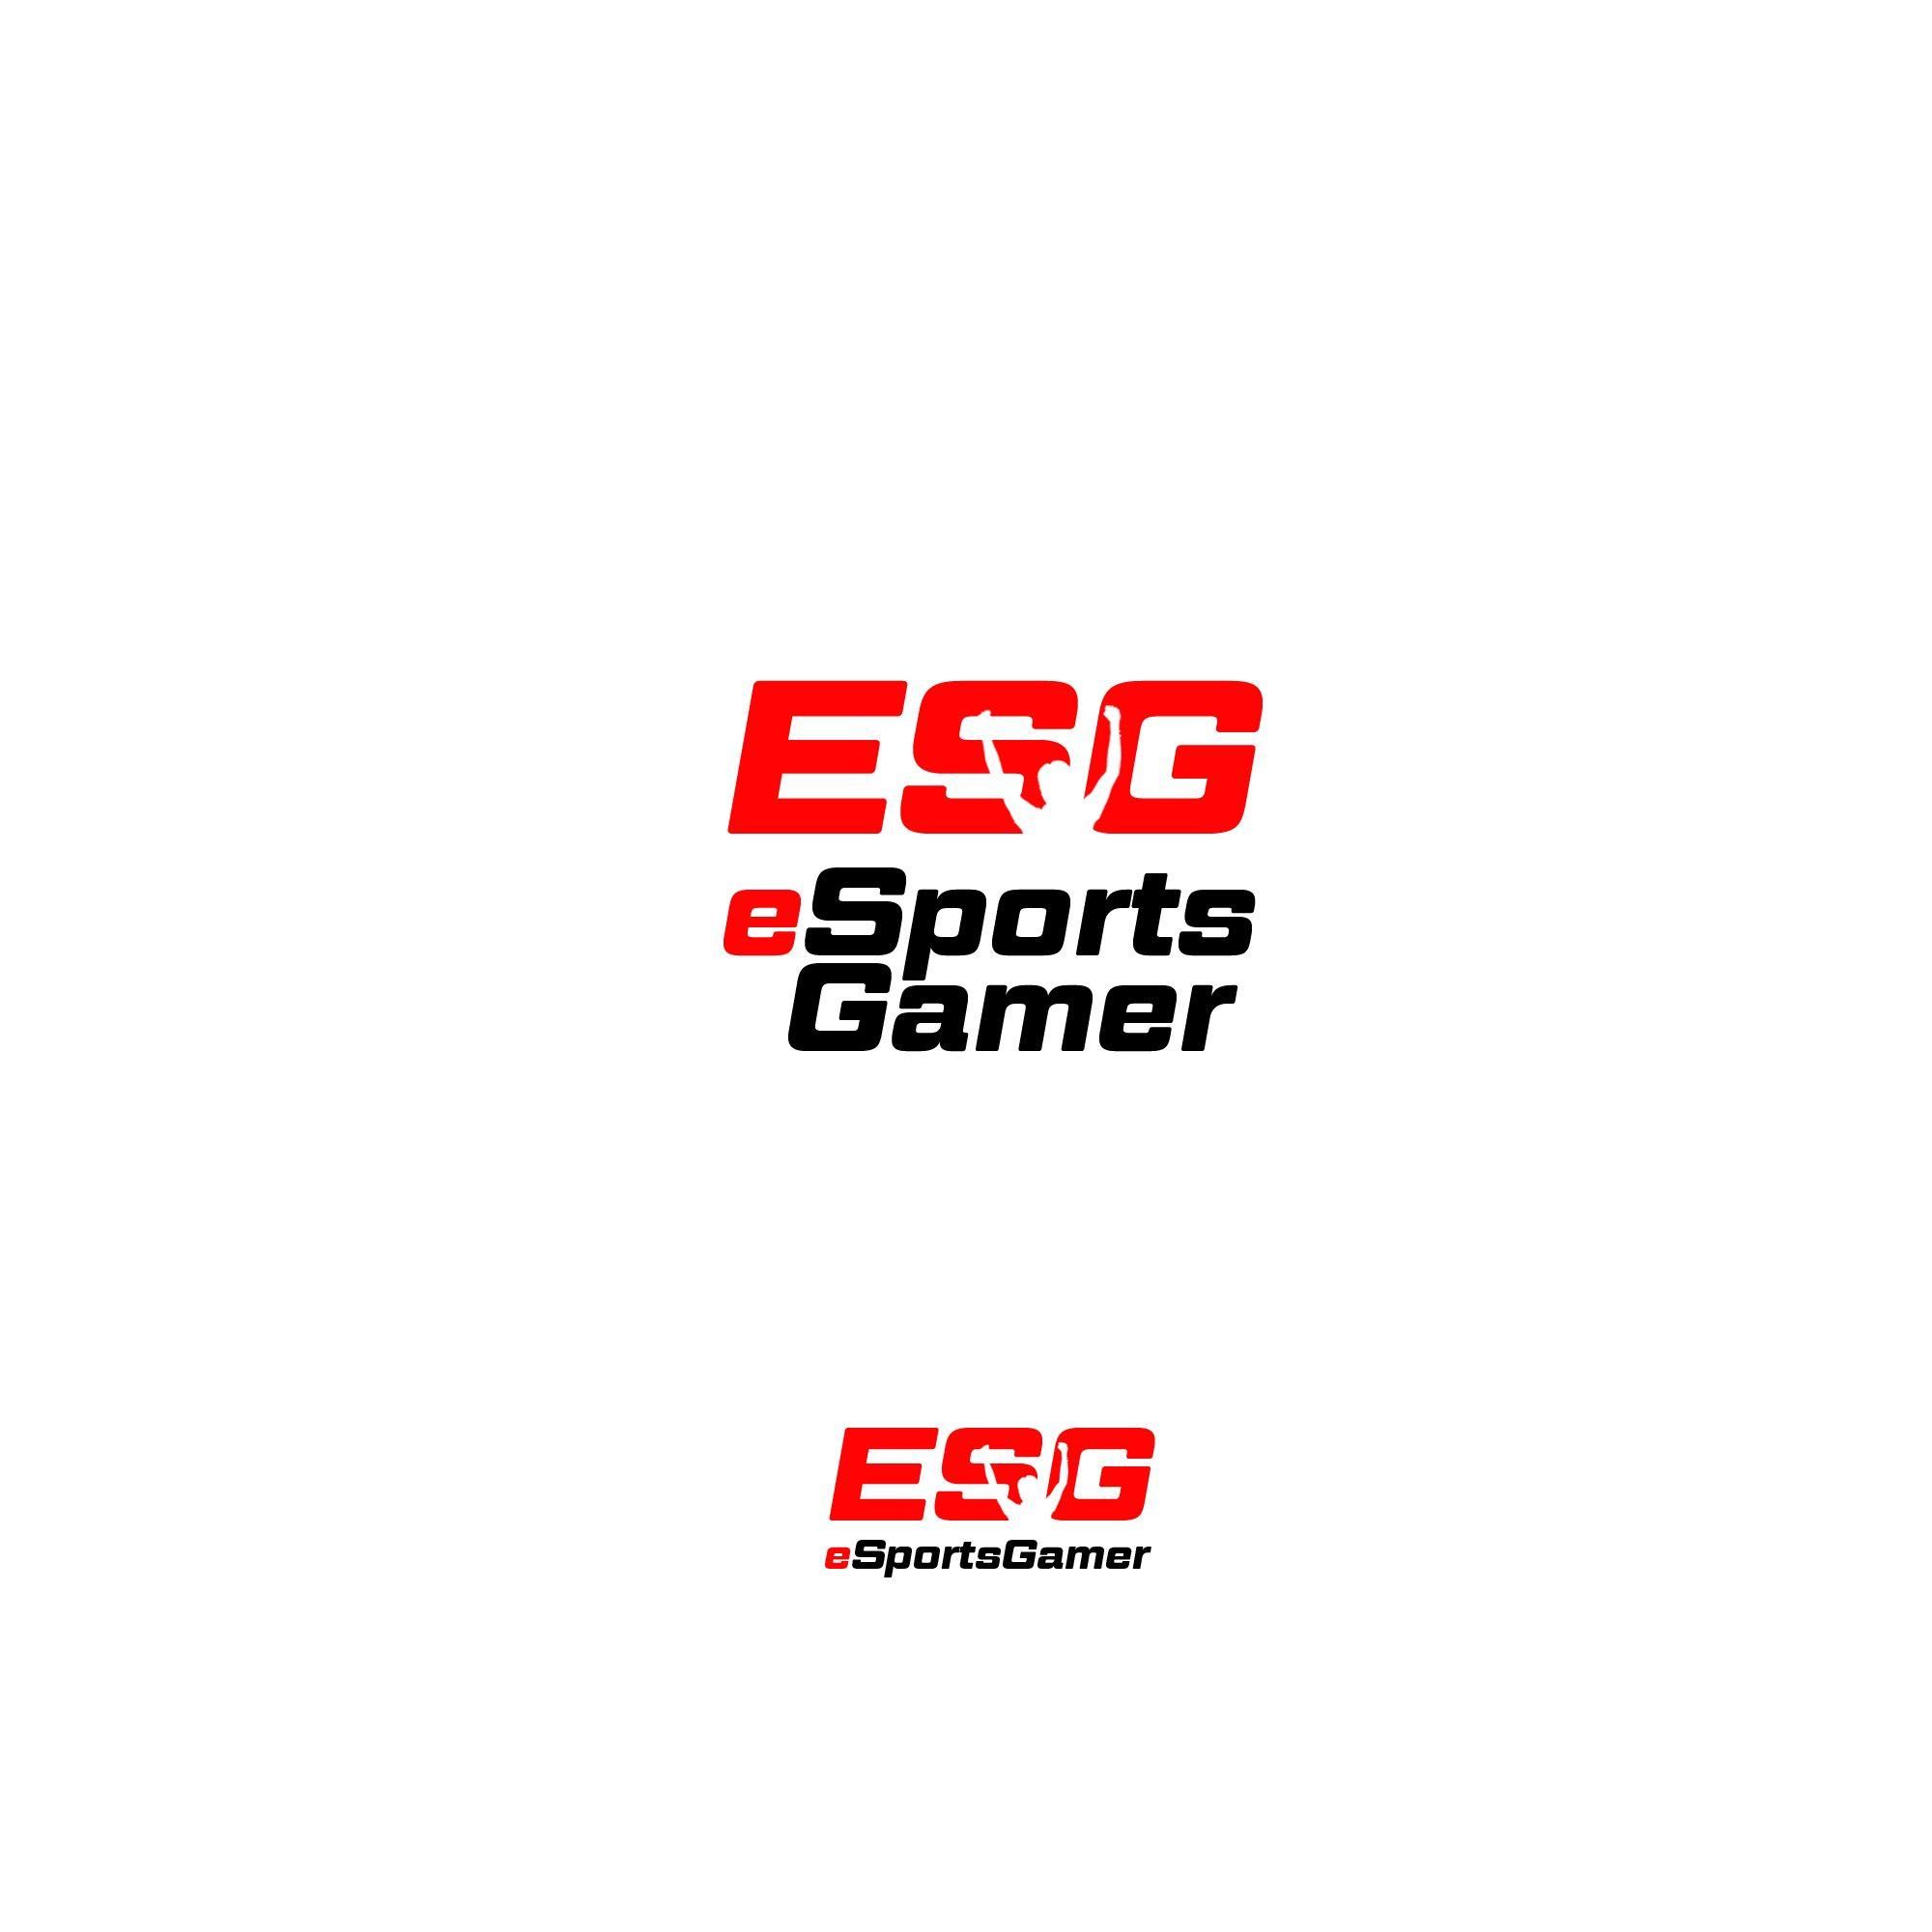 Логотип для киберспортивного (esports) сайта - дизайнер weste32